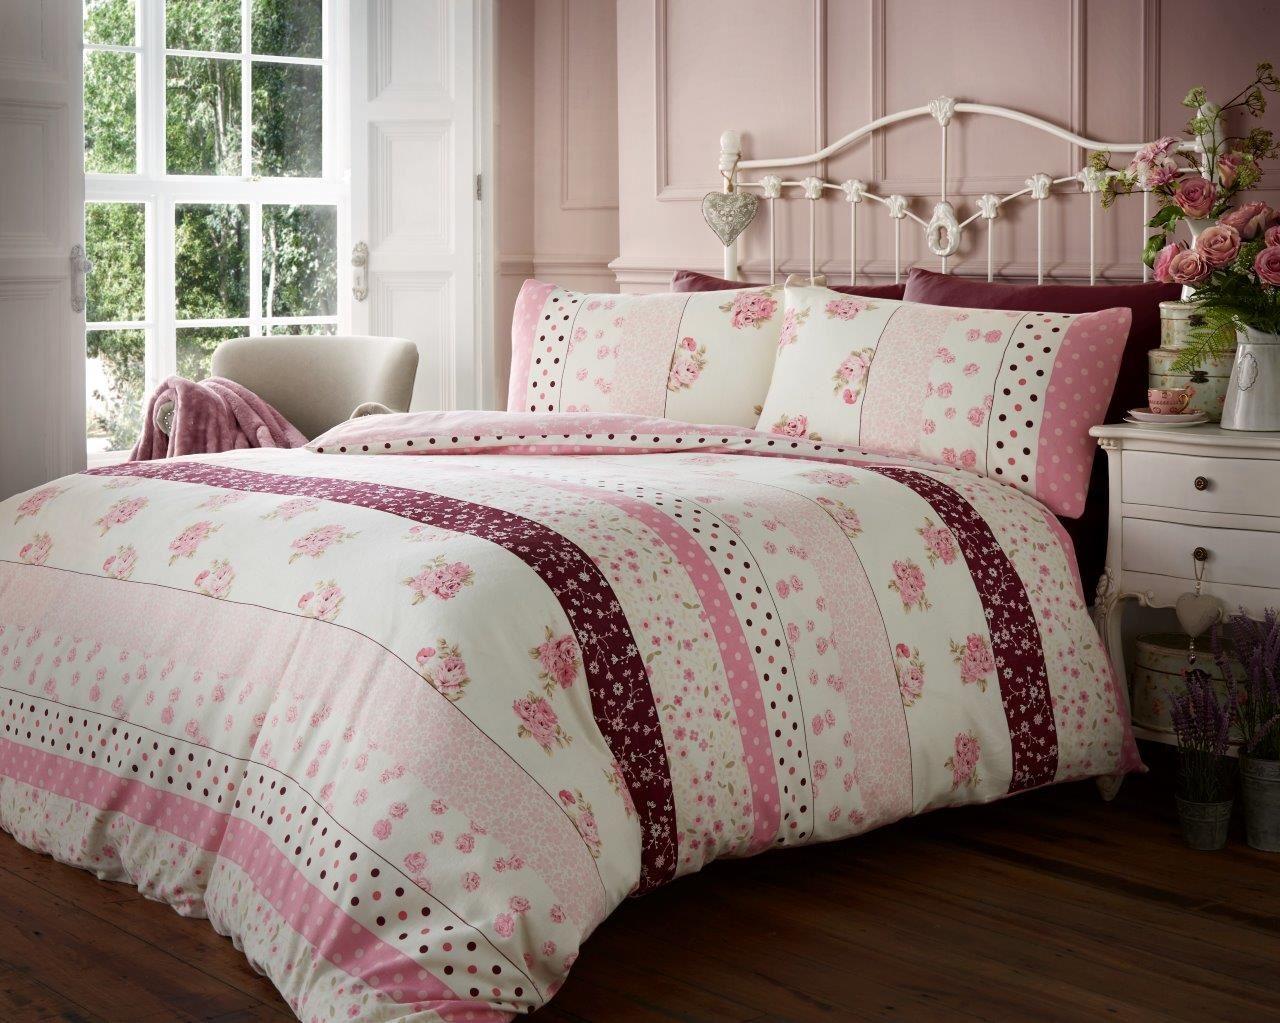 Flannelette luxury 100 brushed cotton duvet cover - Housse de couette tartan ...